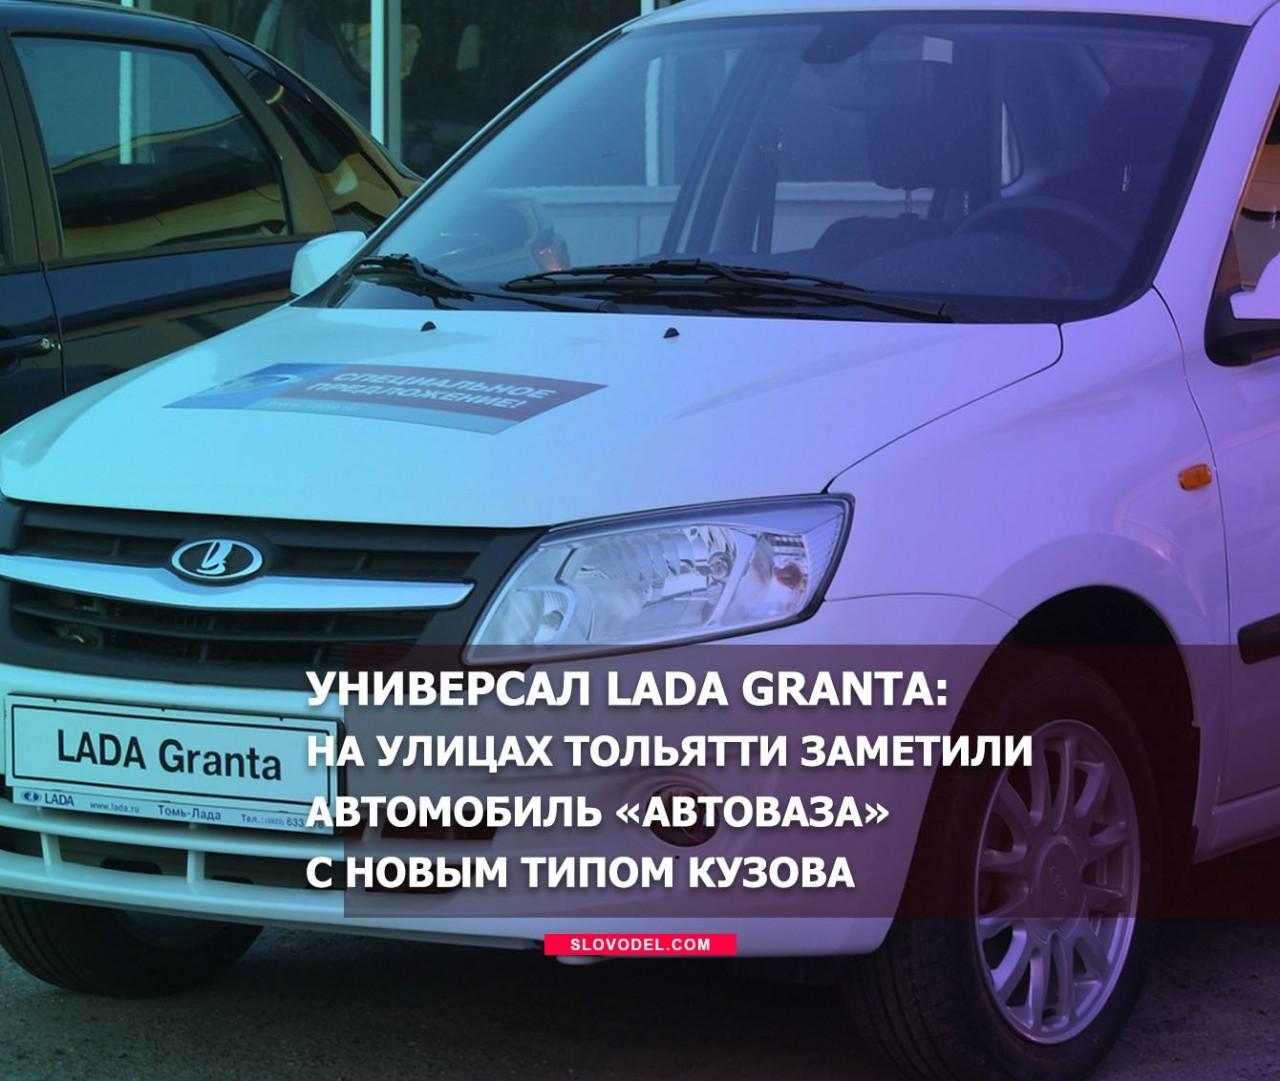 Универсал LADA Granta: на улицах Тольятти заметили автомобиль «АвтоВАЗа» с новым типом кузова